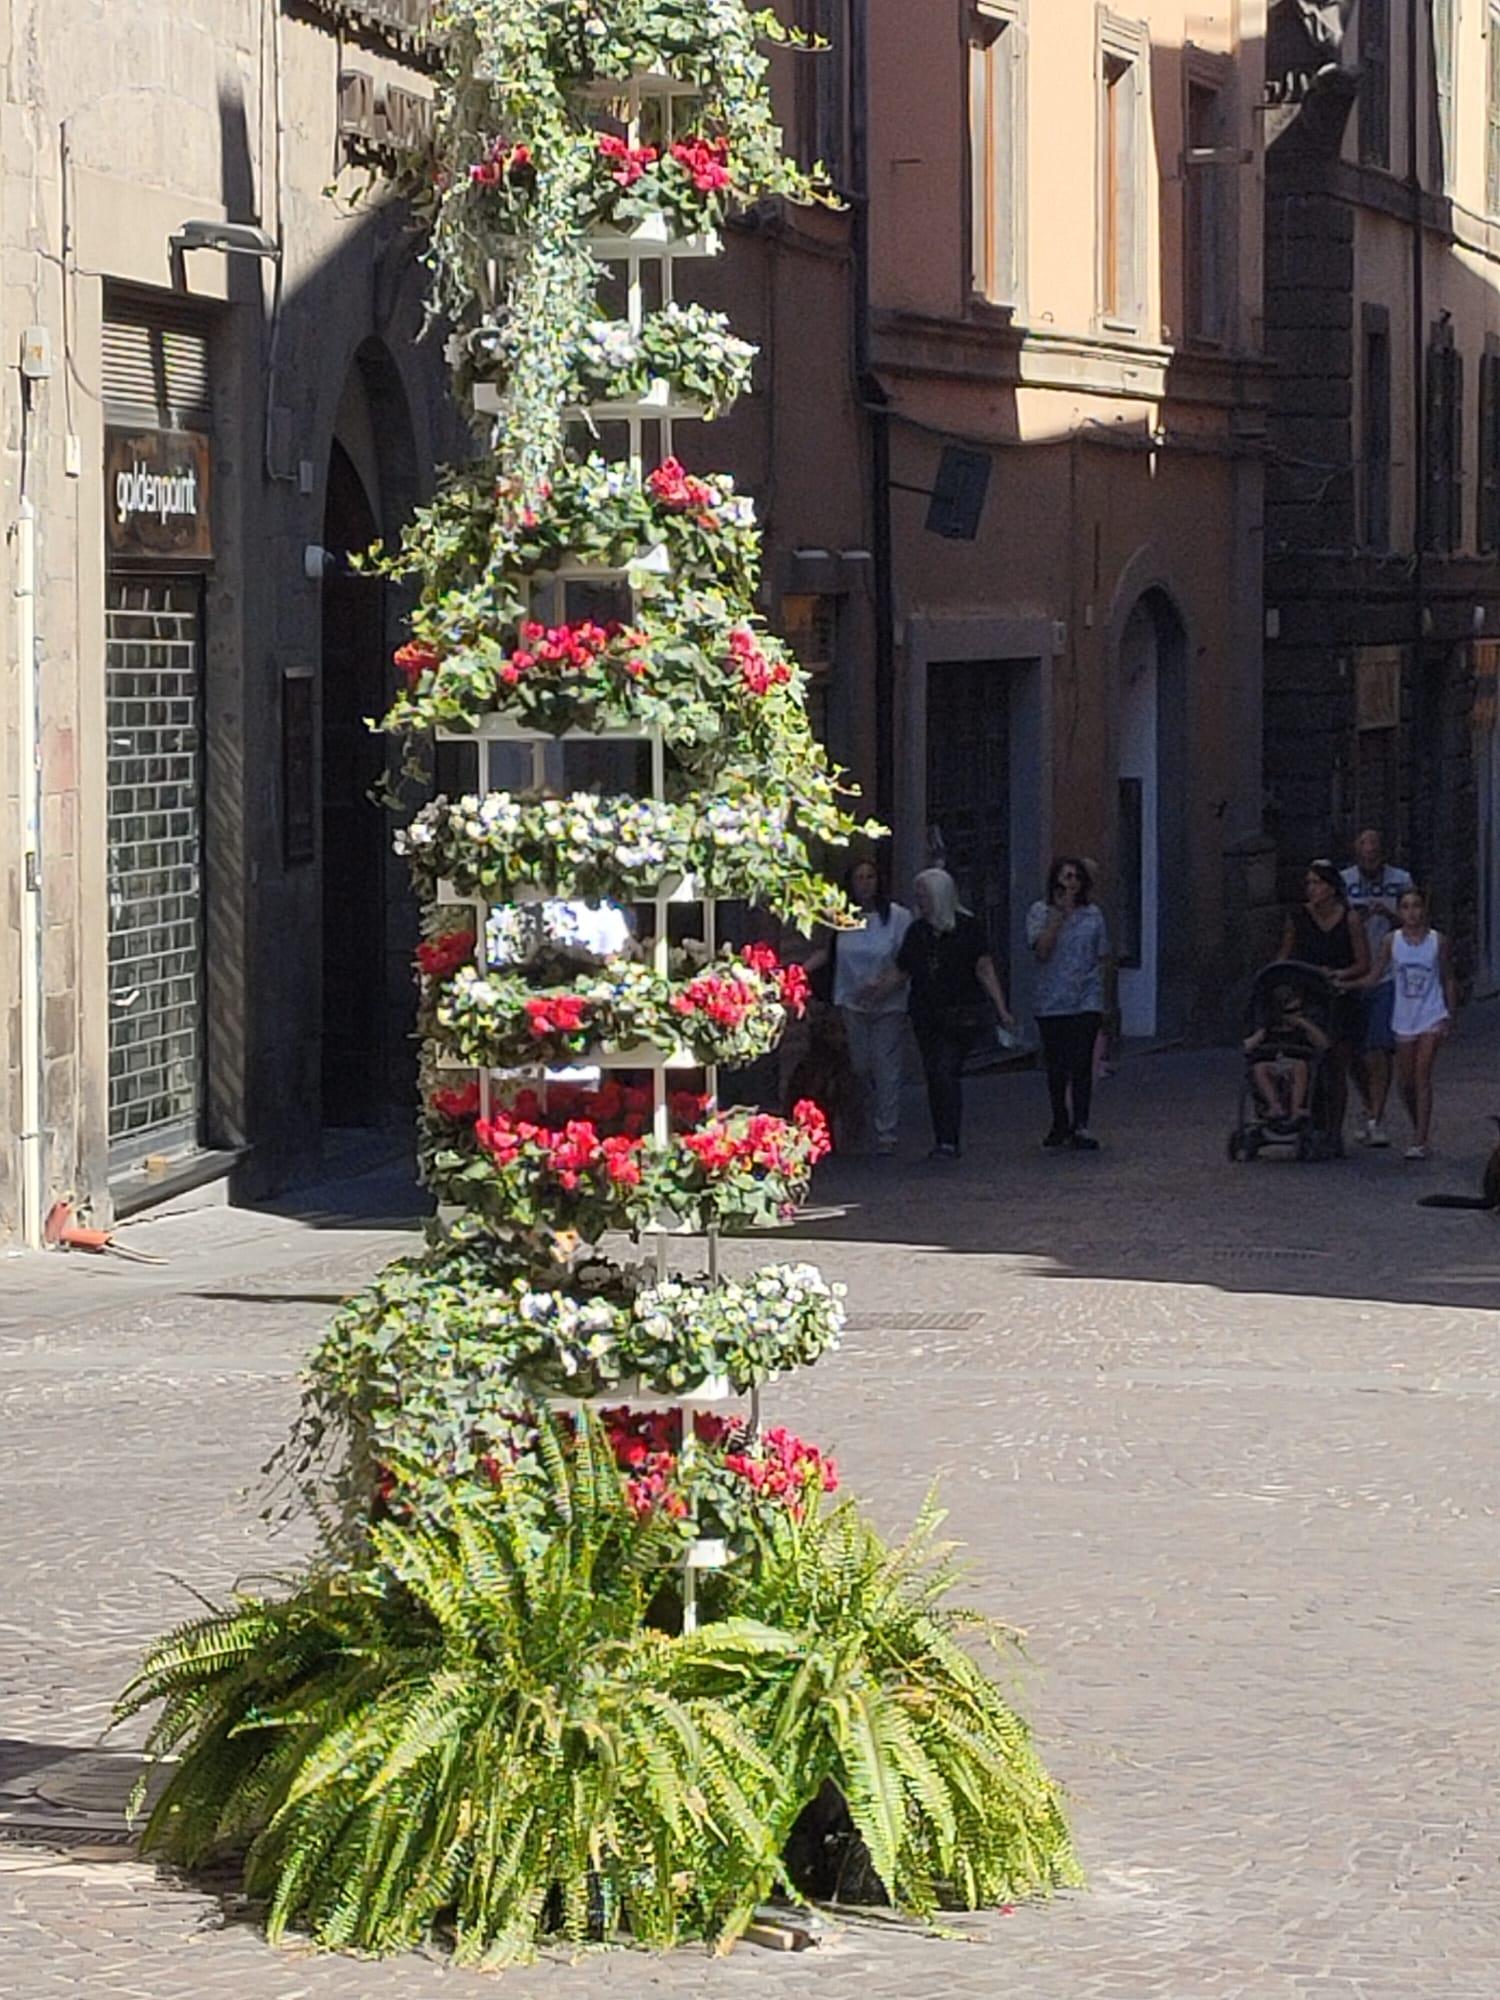 Viterbo, omaggio floreale a Santa Rosa senza rose, storie di kitsch suburbano